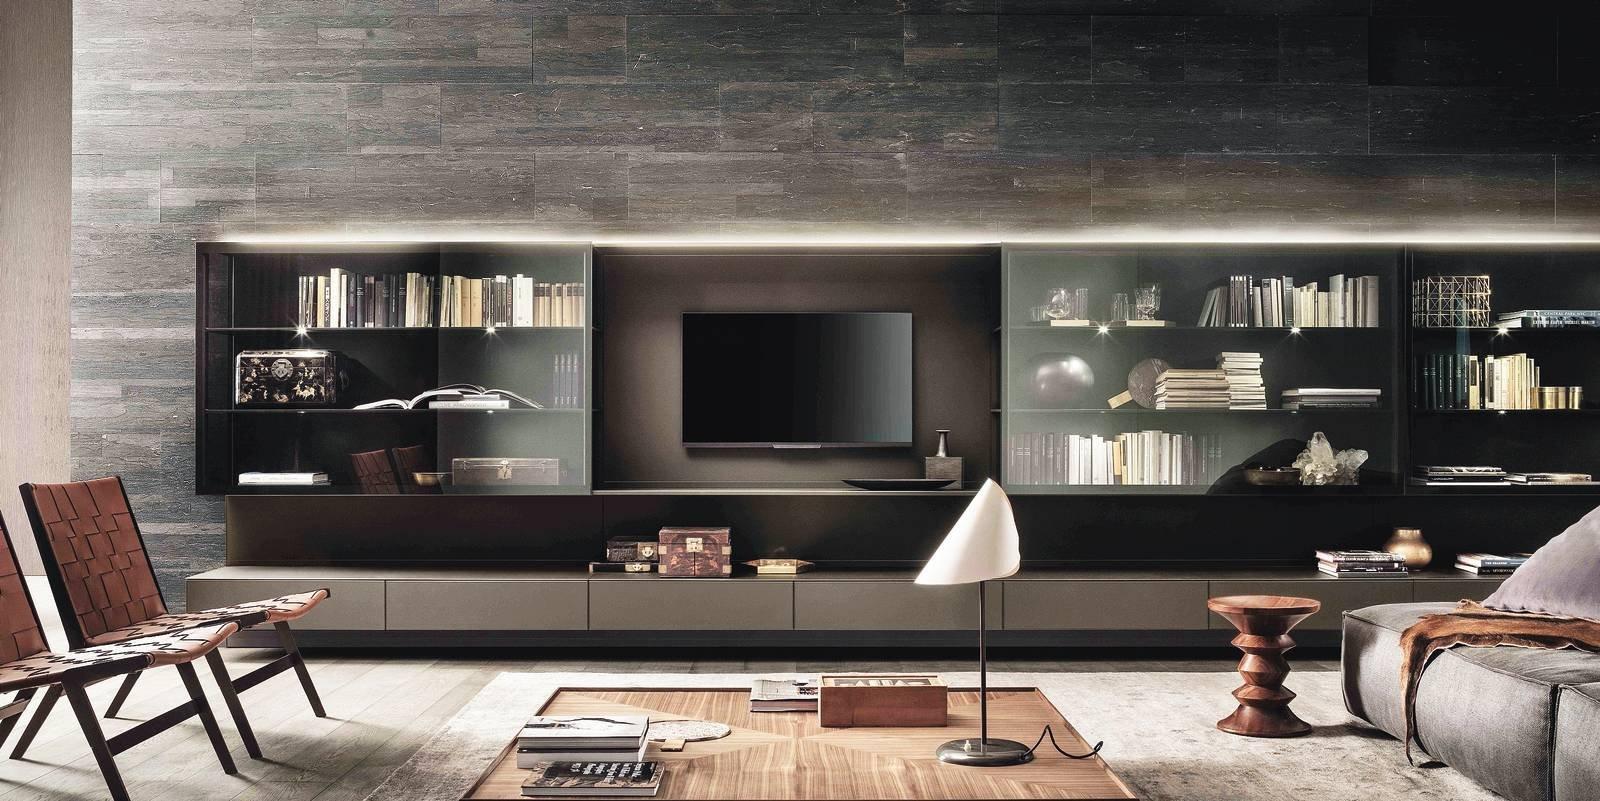 Appendere Tv Muro mobile tv: come scegliere quello giusto - cose di casa